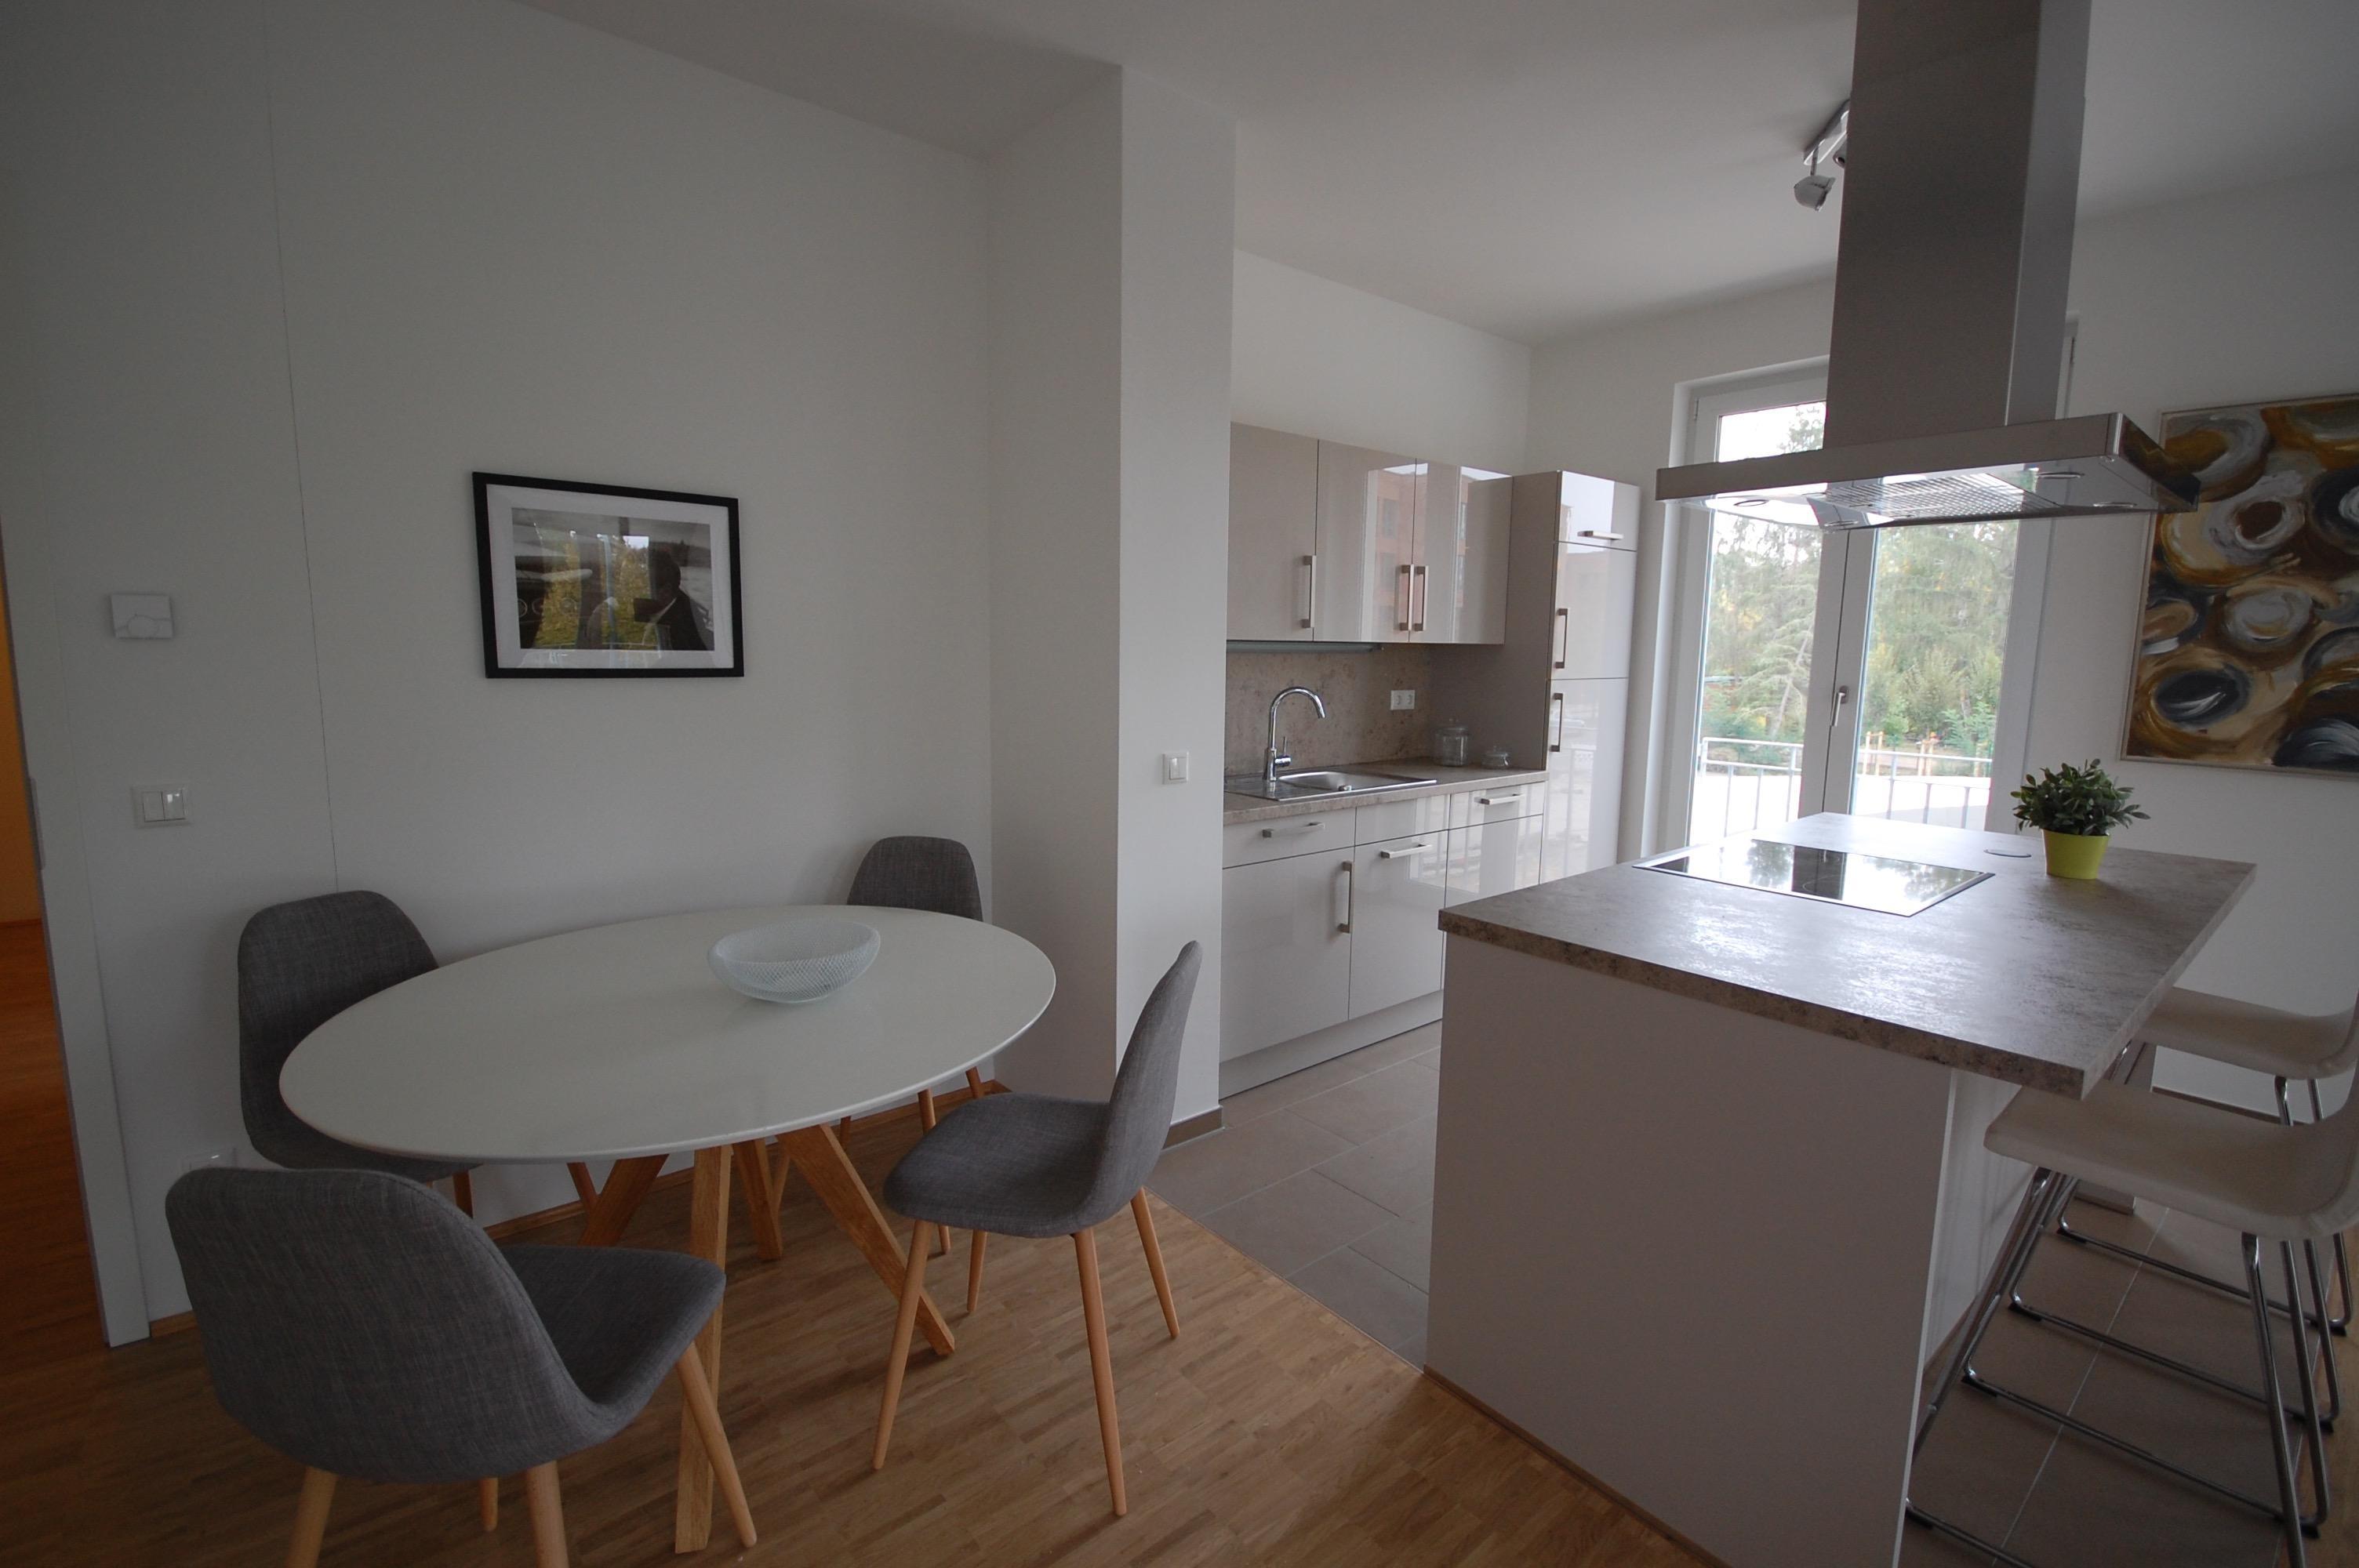 Fußboden Offene Küche ~ Weiße küche mit dunklem fußboden u bilder ideen u